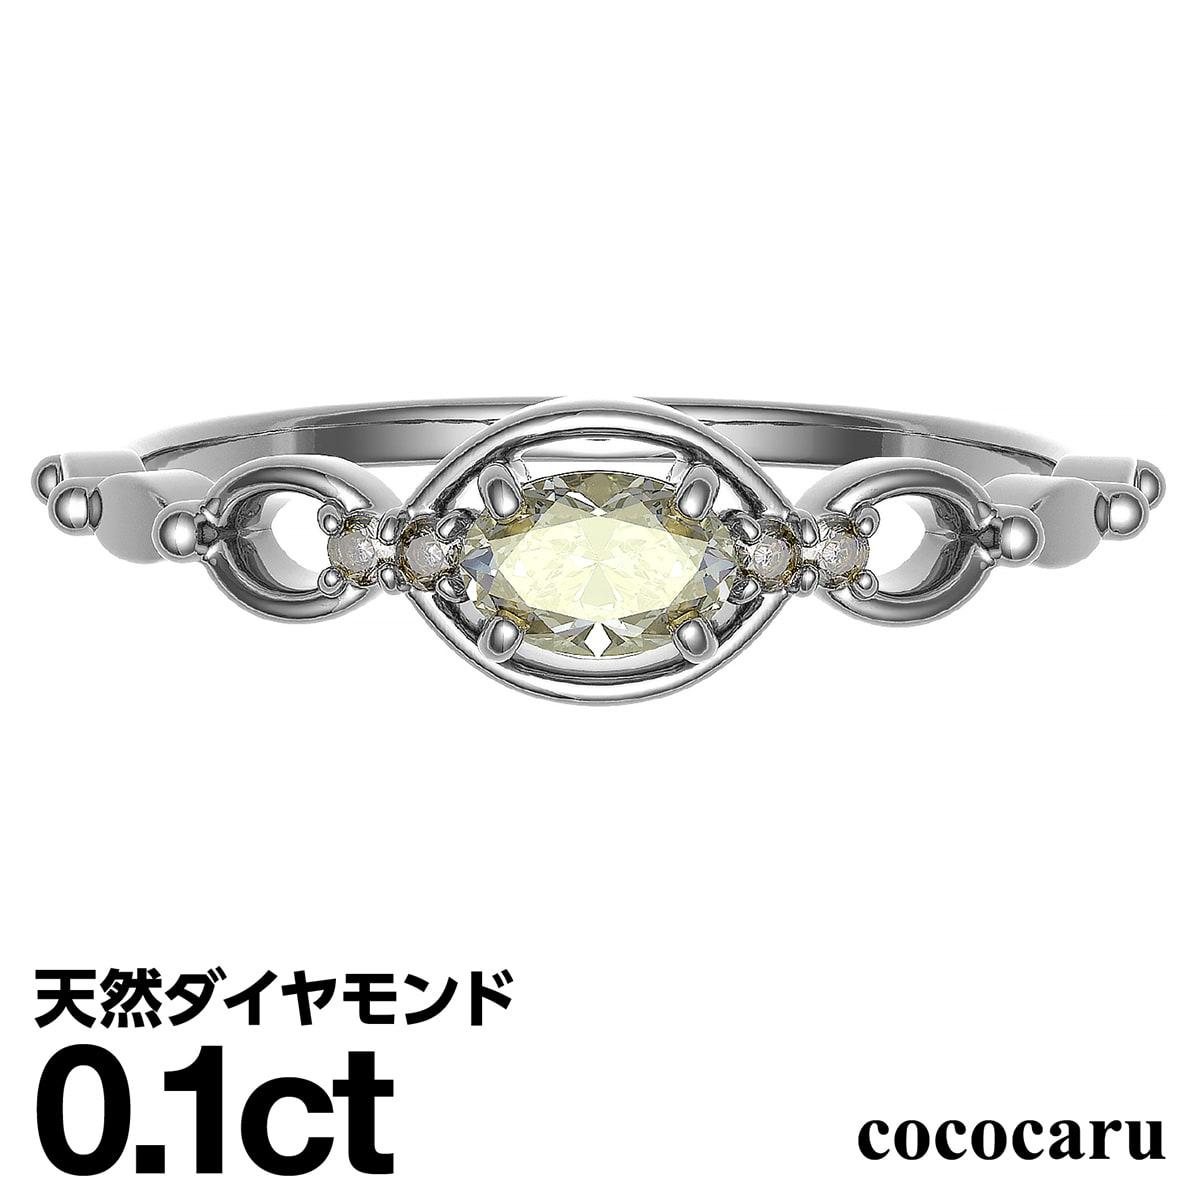 【送料無料】 ダイヤモンド リング シルバー925 ファッションリング 品質保証書 金属アレルギー 日本製 誕生日 ギフト